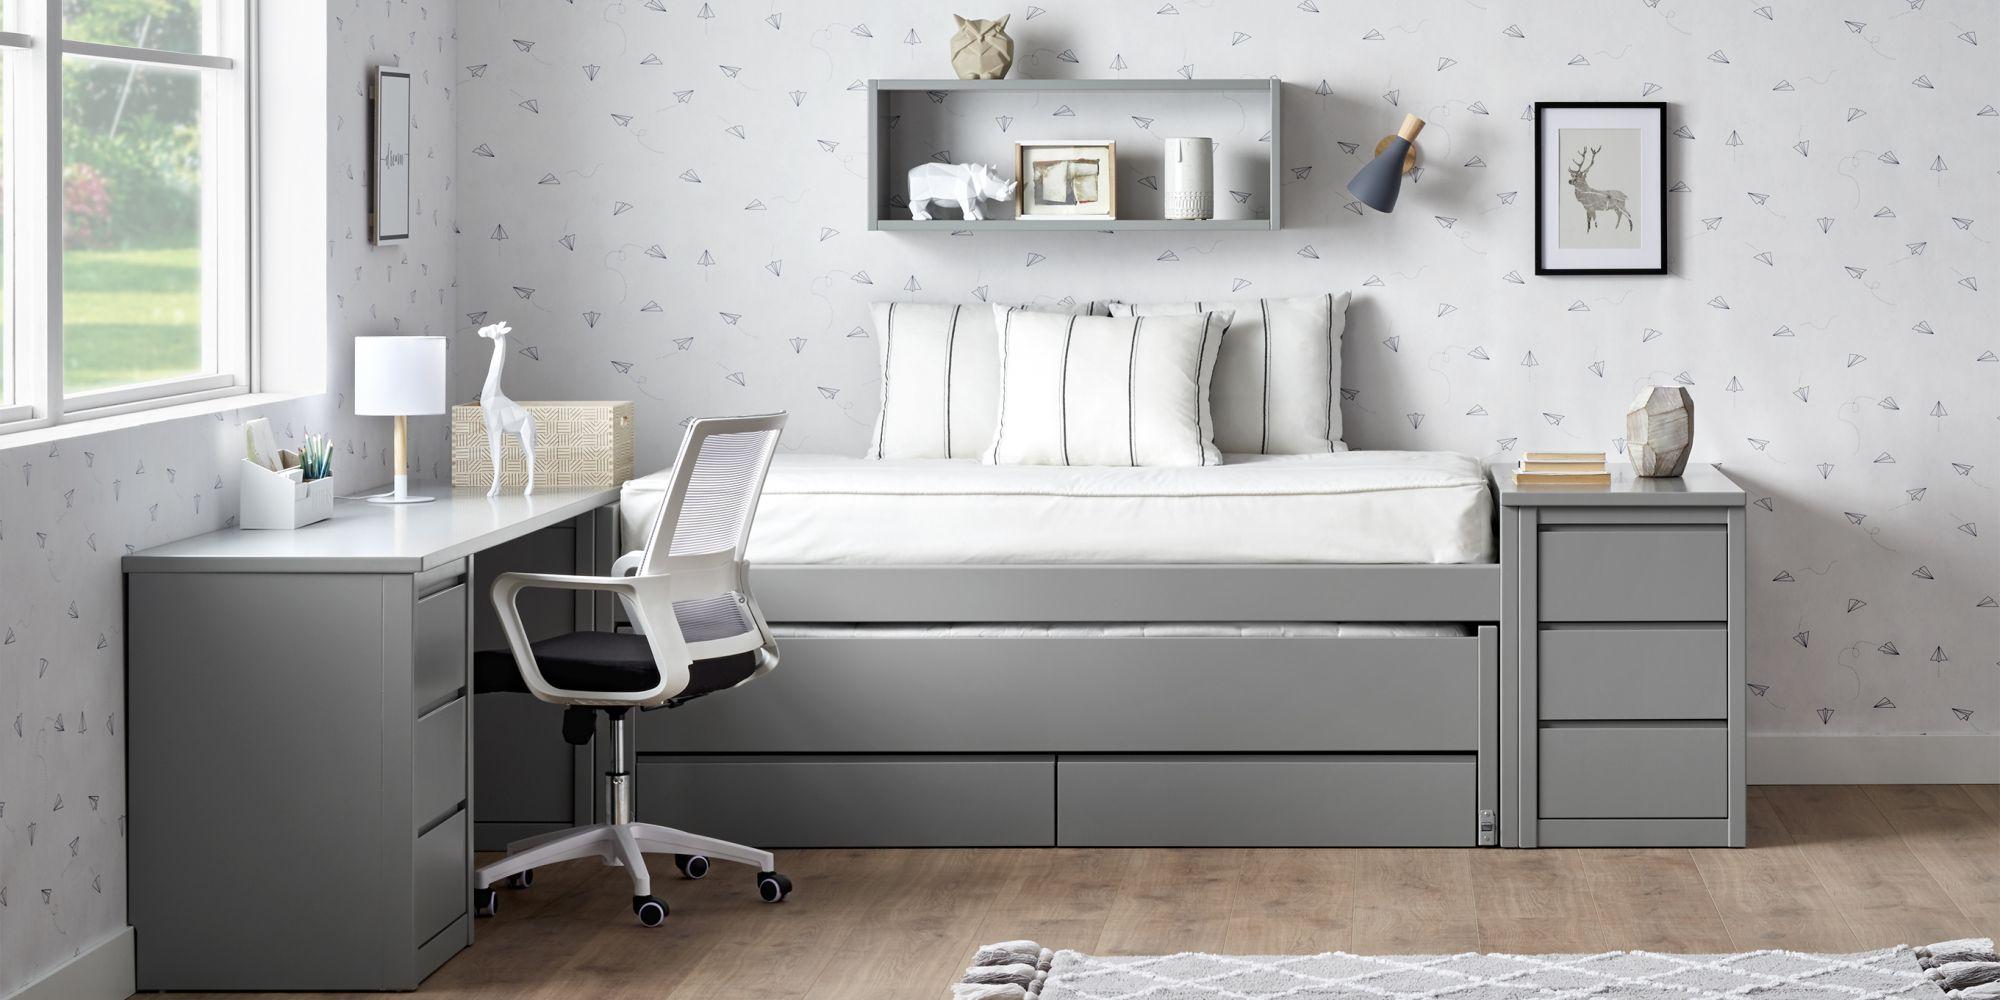 Habitacion gris cama compacta y escritorio con silla ergonomica